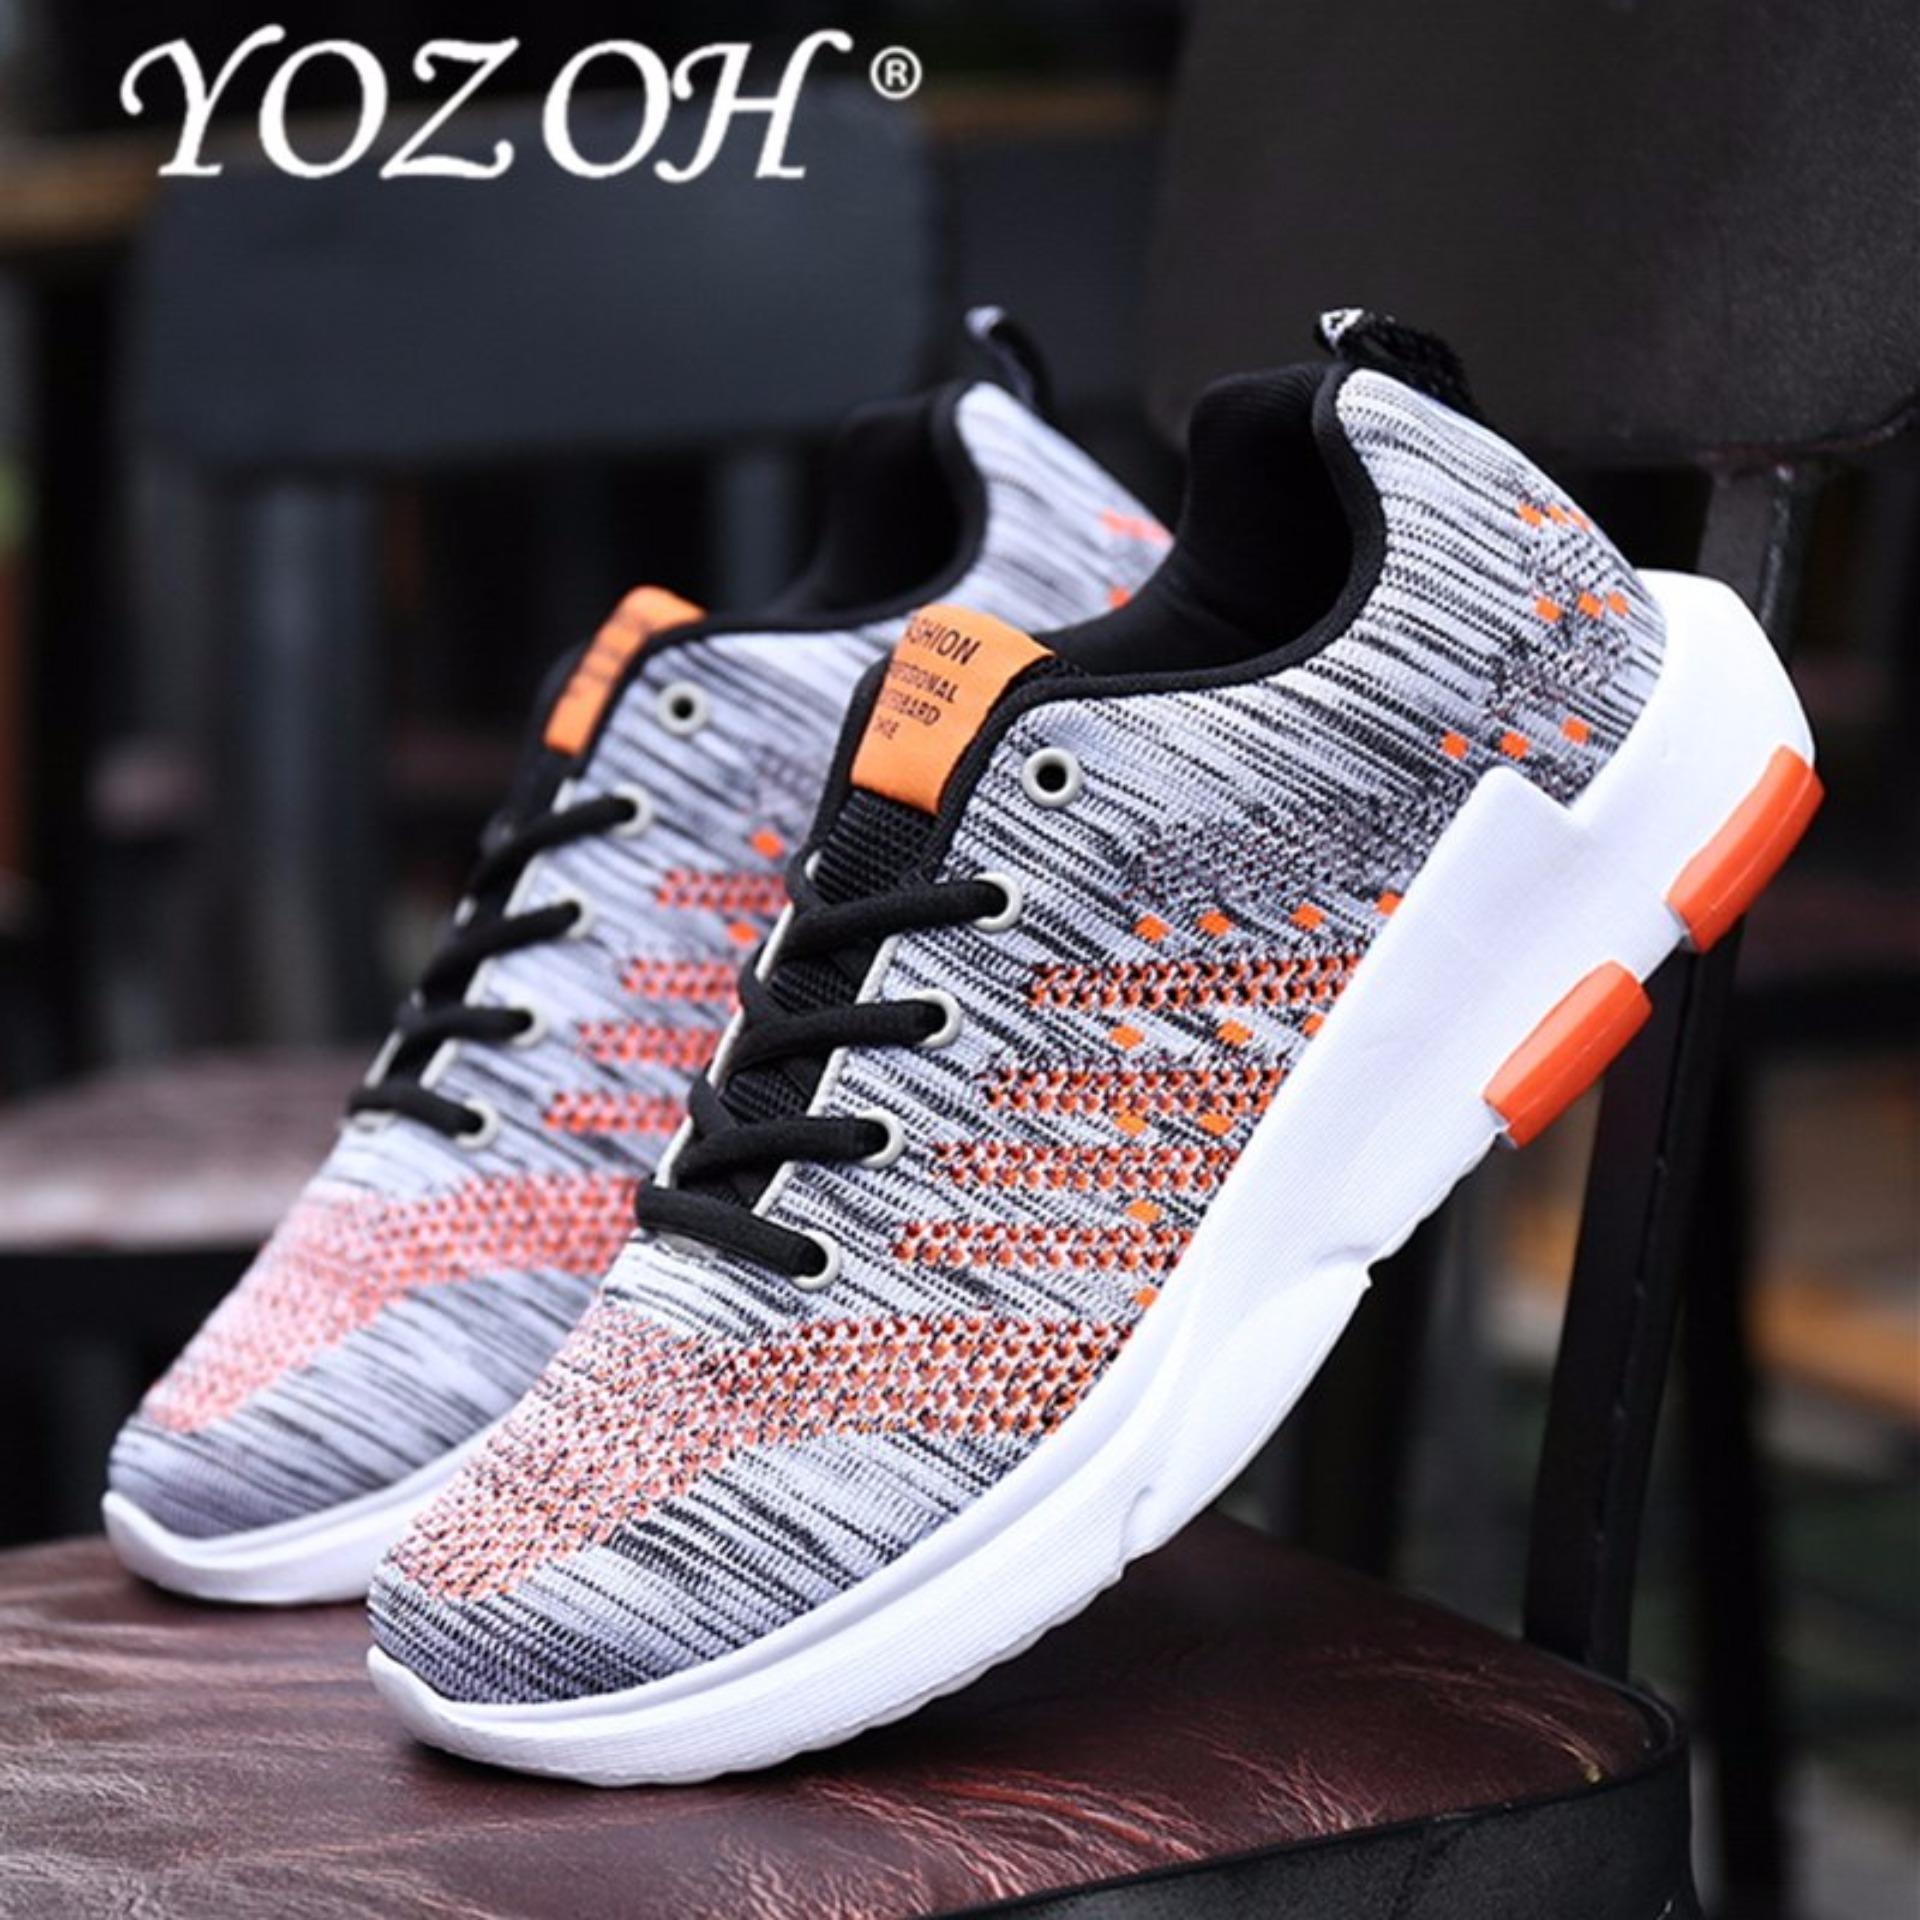 Review Pada Yozoh Sepatu Lari Pria Sneakers Pria Olahraga Sepatu Pria Bernapas Free Run Zapatillas Deporte Mujer Sneakers Grey Intl